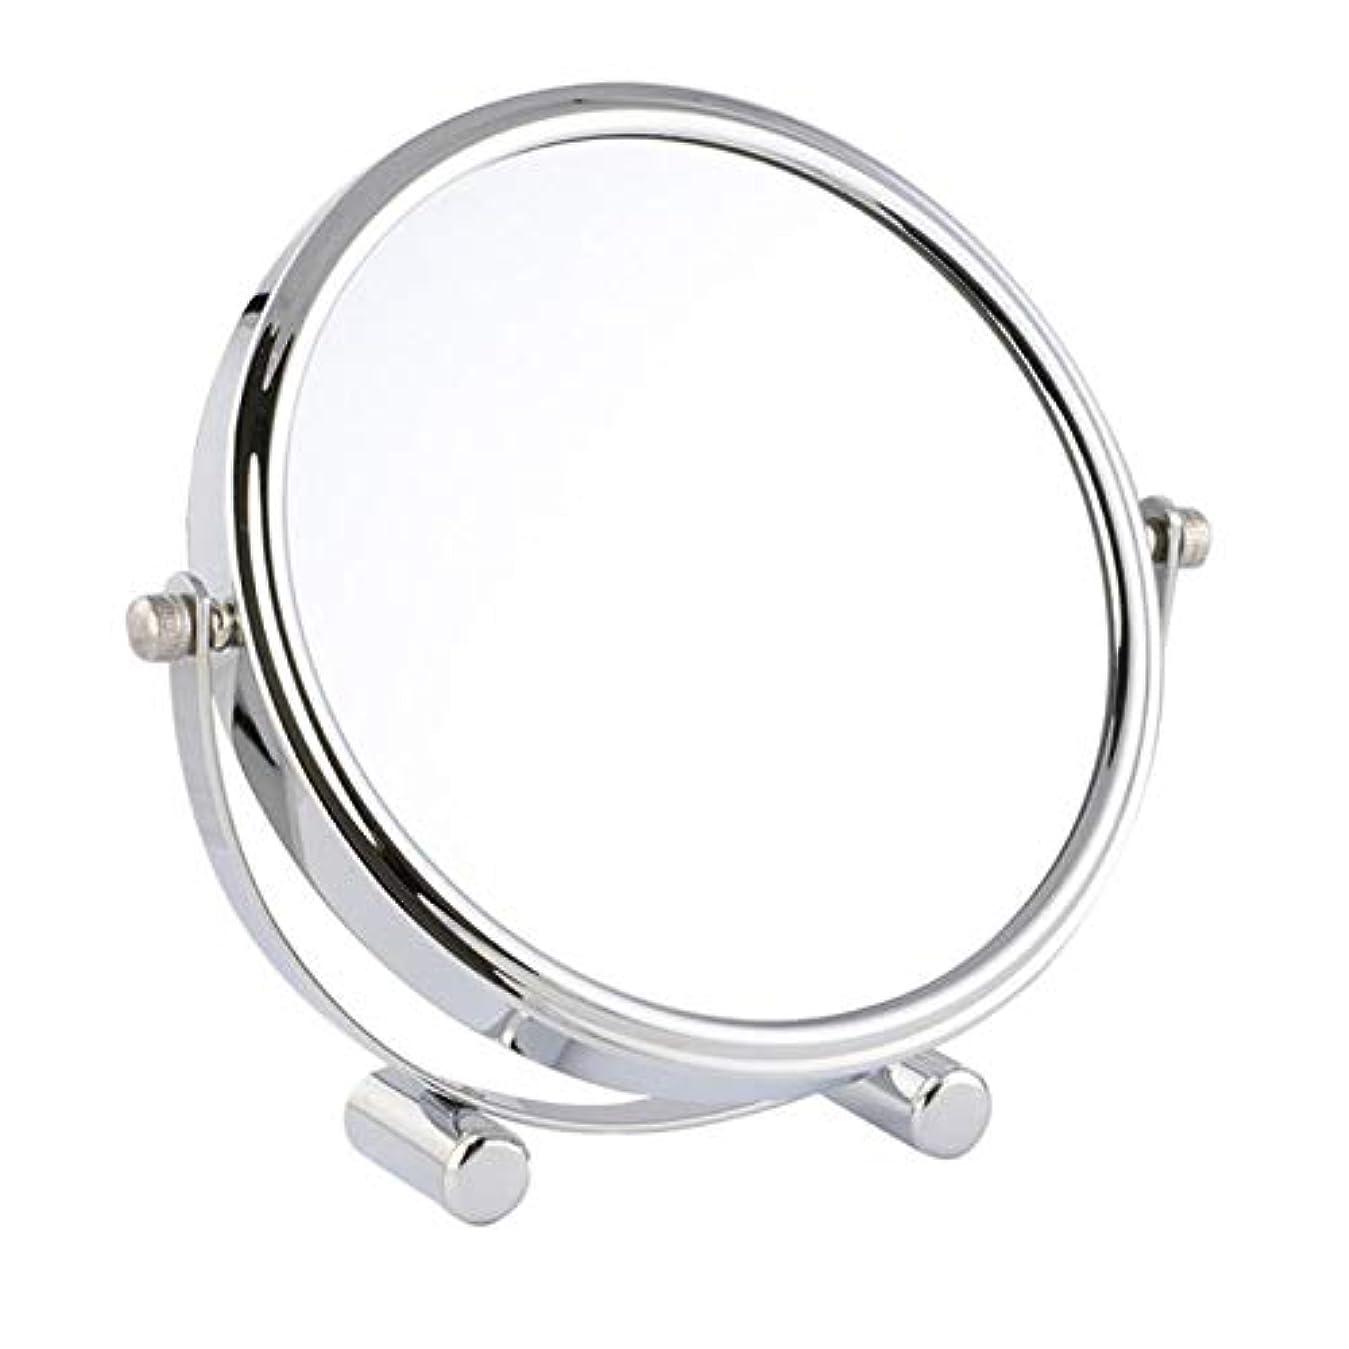 デコードするアラブラブ化粧鏡 女優ミラー けメイクミラー スタンドミラー 卓上鏡 化粧道具 両面鏡 片面2倍 拡大鏡 360度回転 鏡面直径17cm